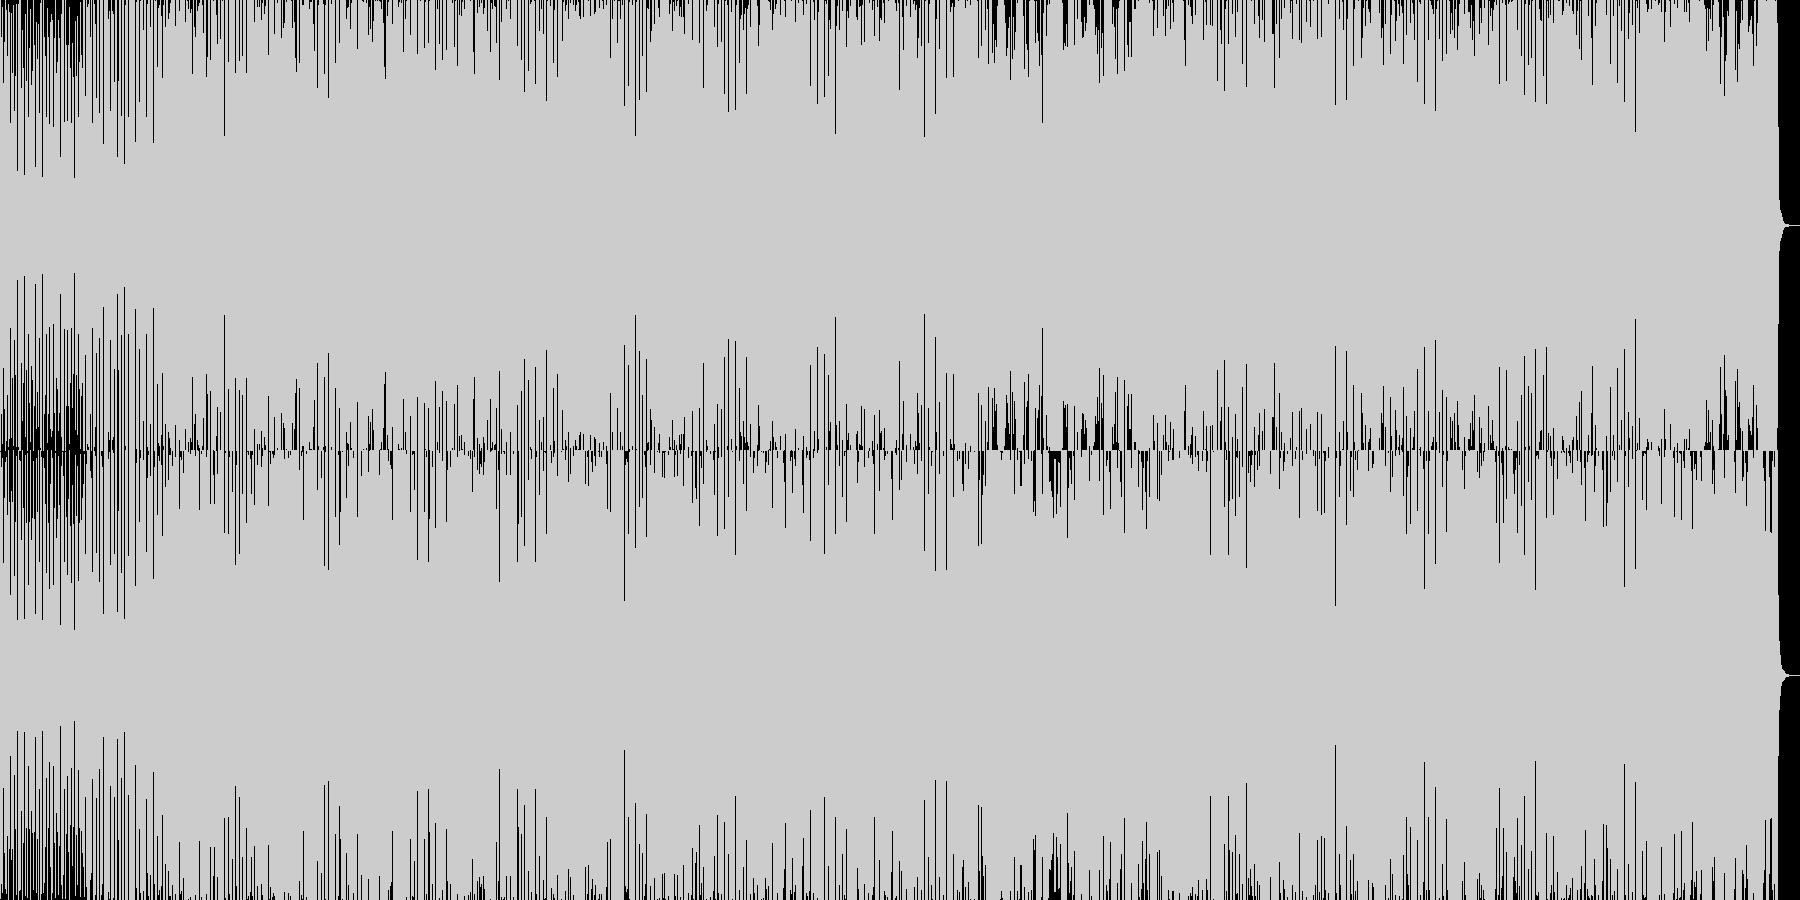 疾走感と温かみのあるドラムンベースの未再生の波形